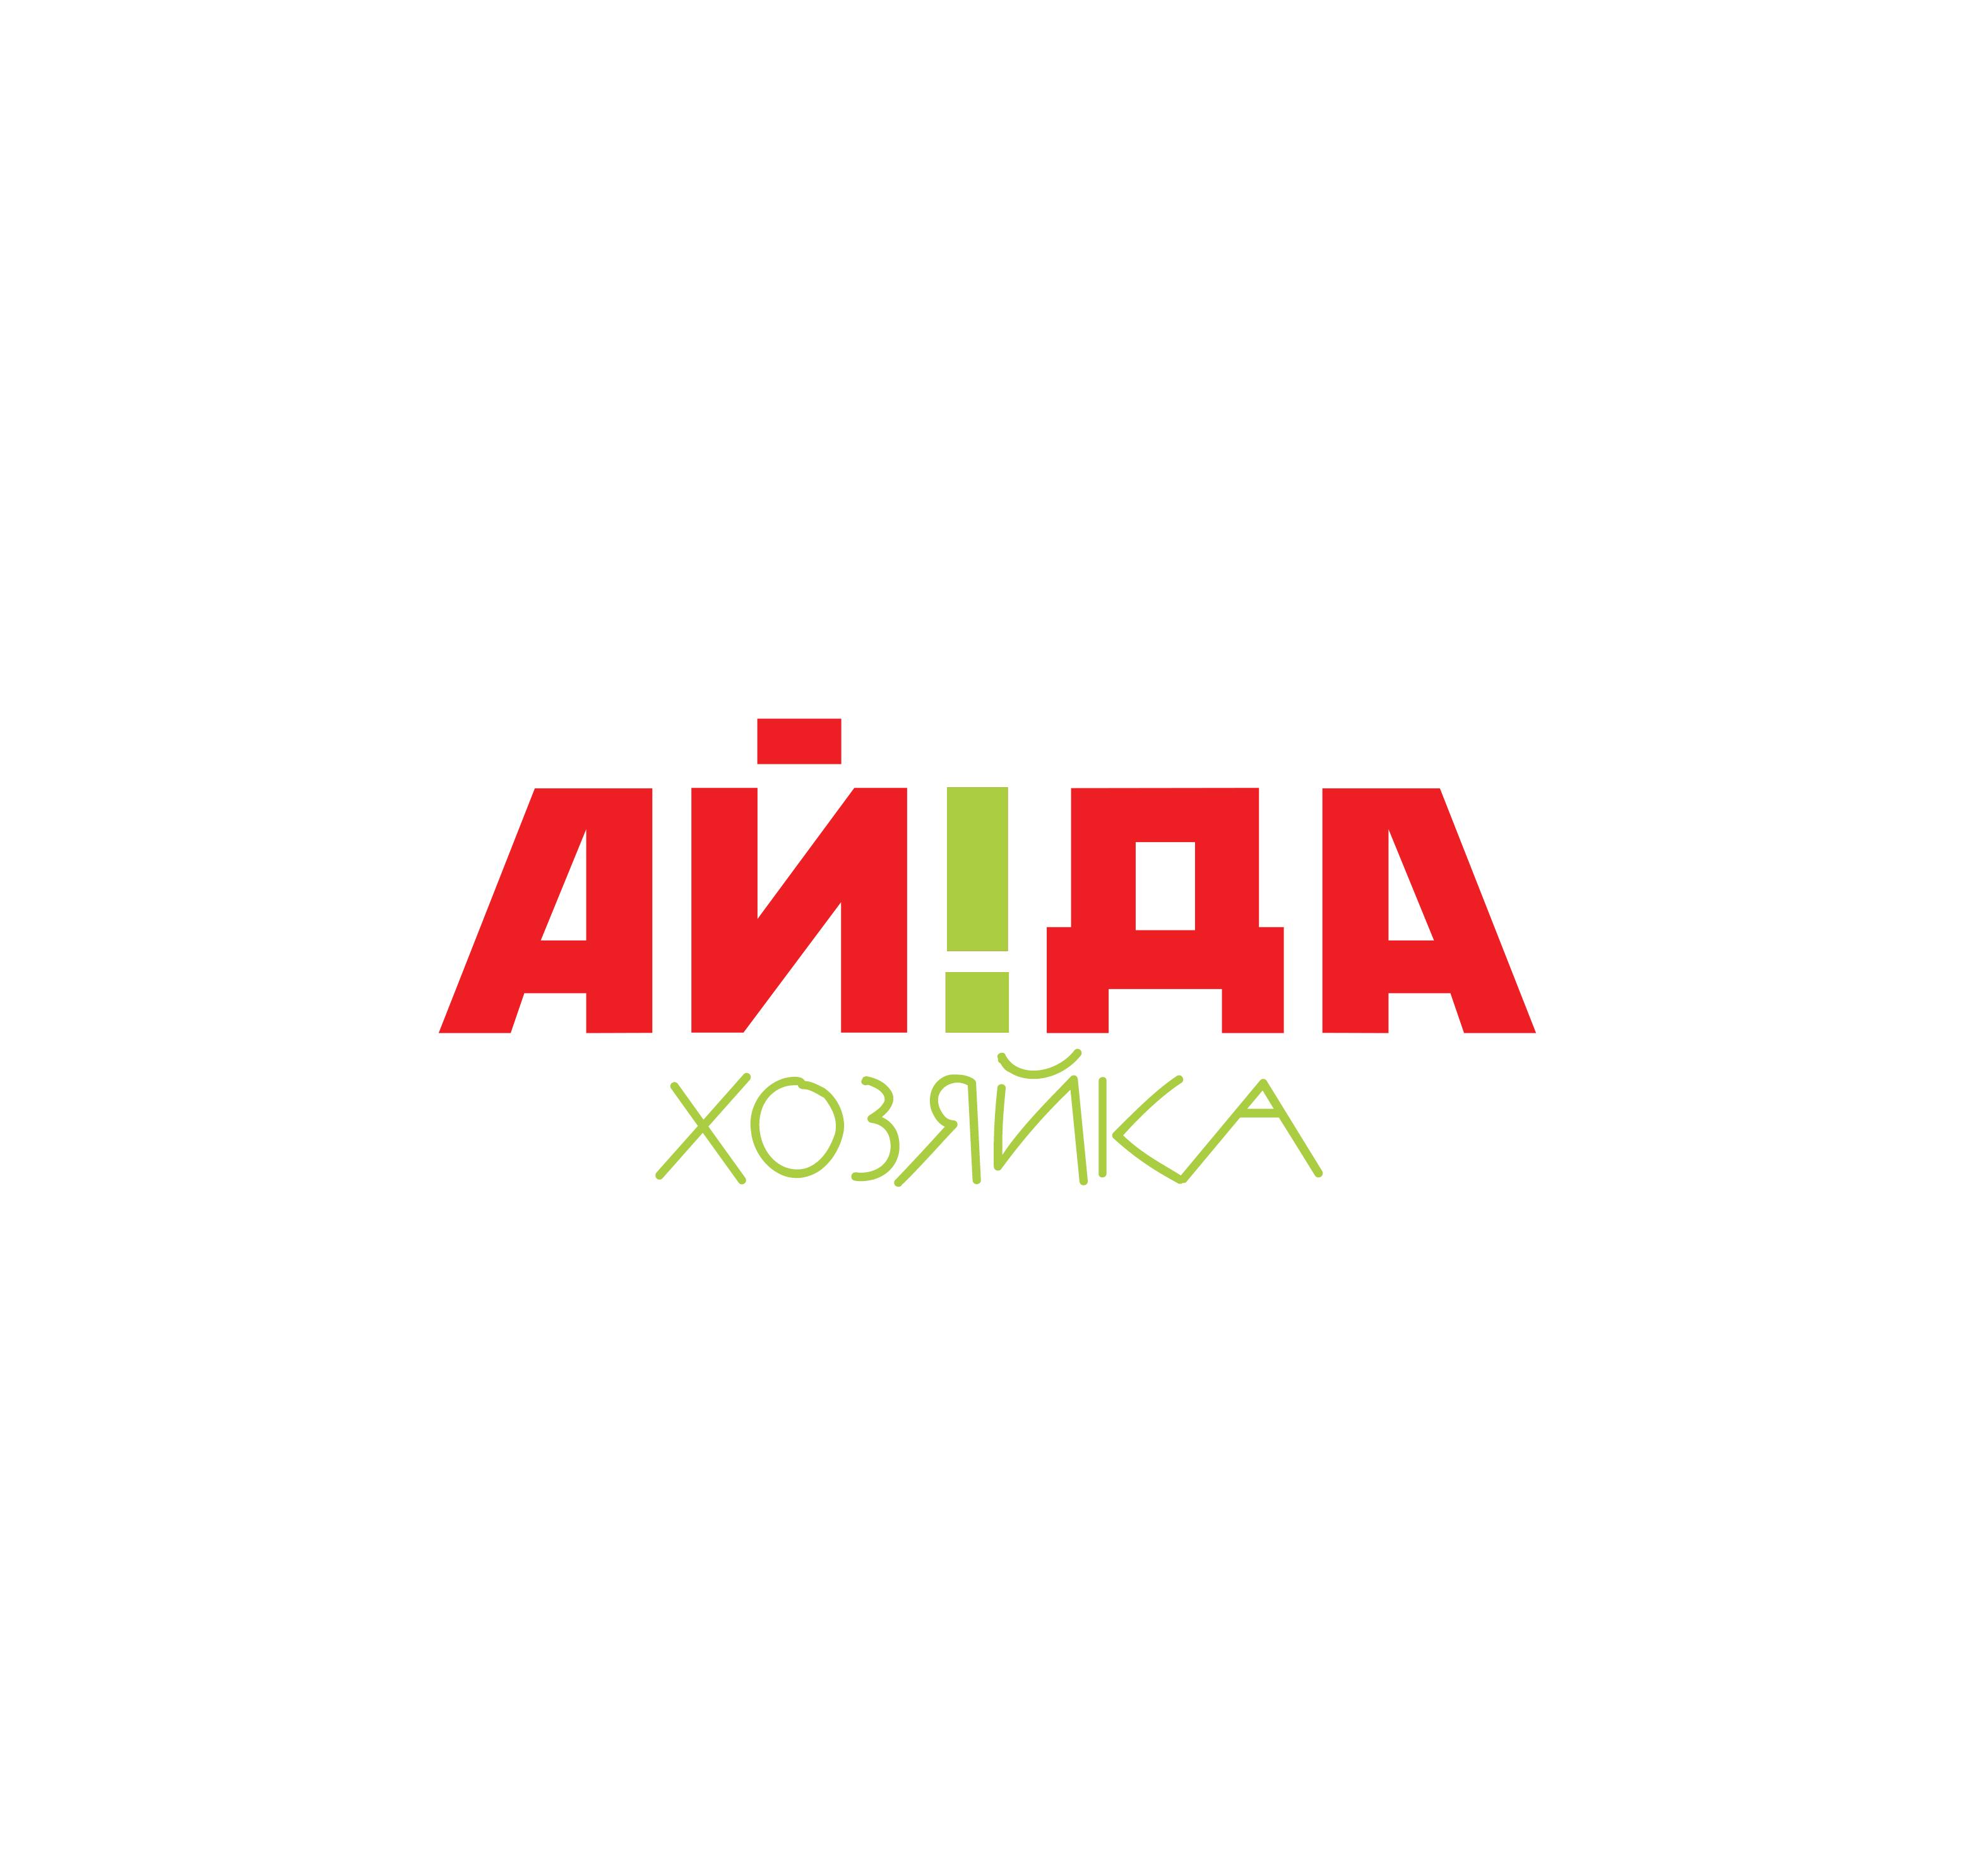 Дизайн логотипа и упаковки СТМ фото f_6455c55aaa88ead5.jpg